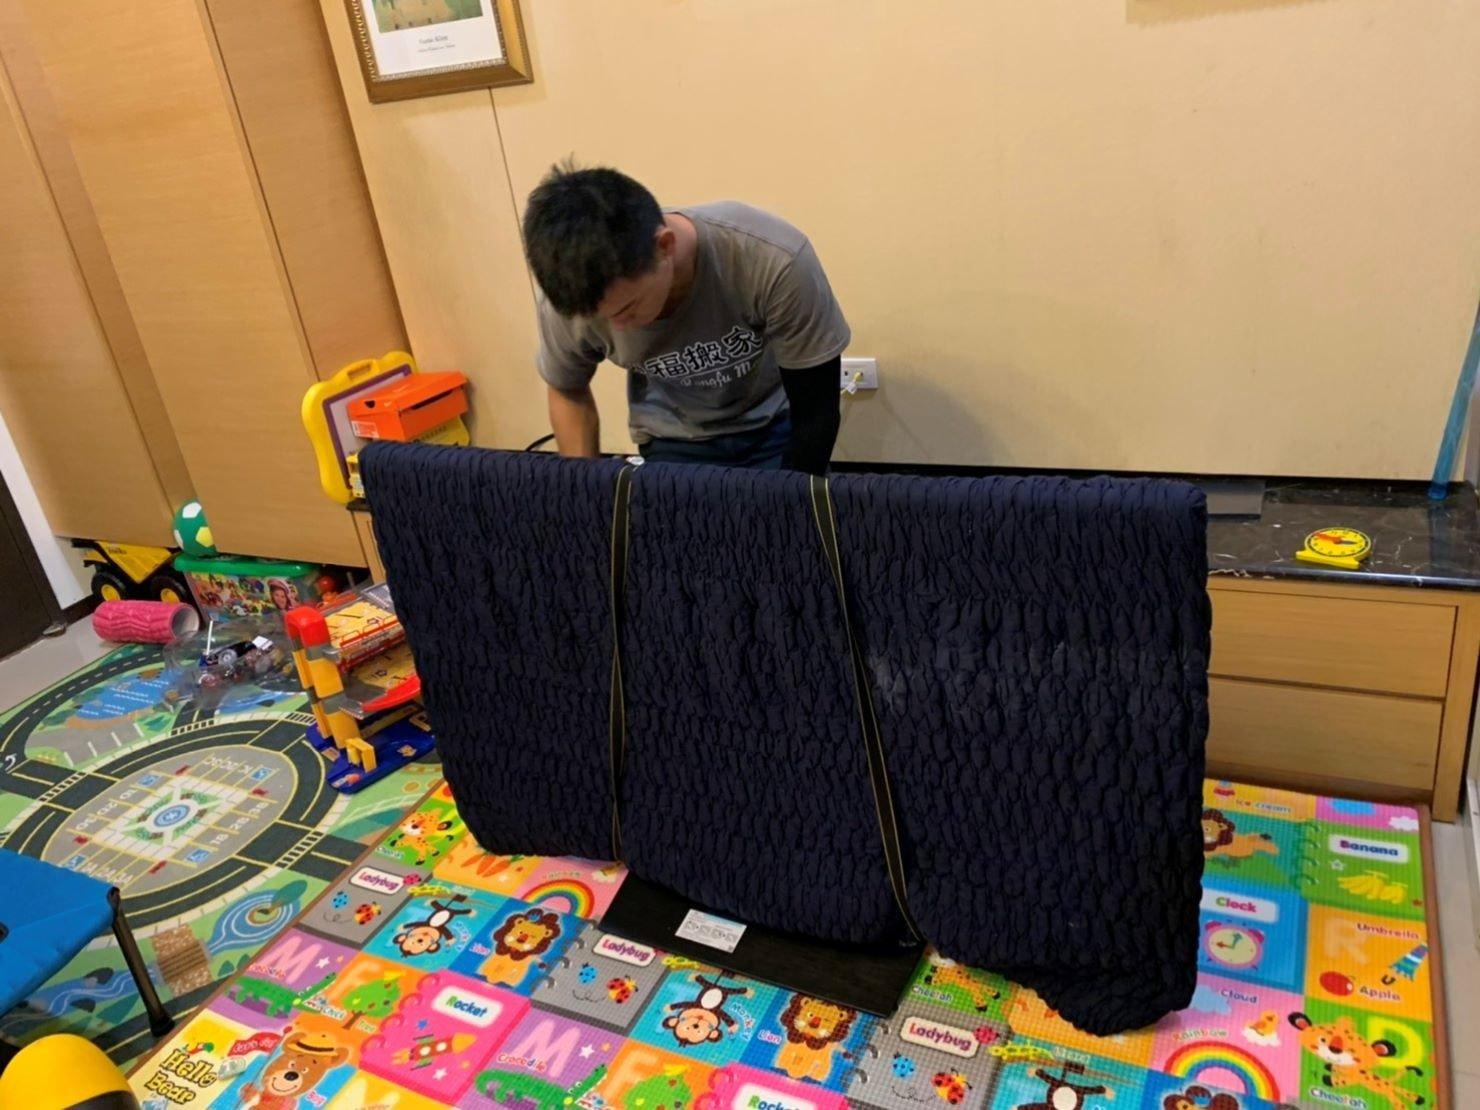 搬家公司推薦【榮福搬家】搬遷好品質值得您的信賴與選擇:榮福搬家搬運65吋液晶電視,以伸縮保護布套將其包覆後再繫上束帶,避免碰撞。